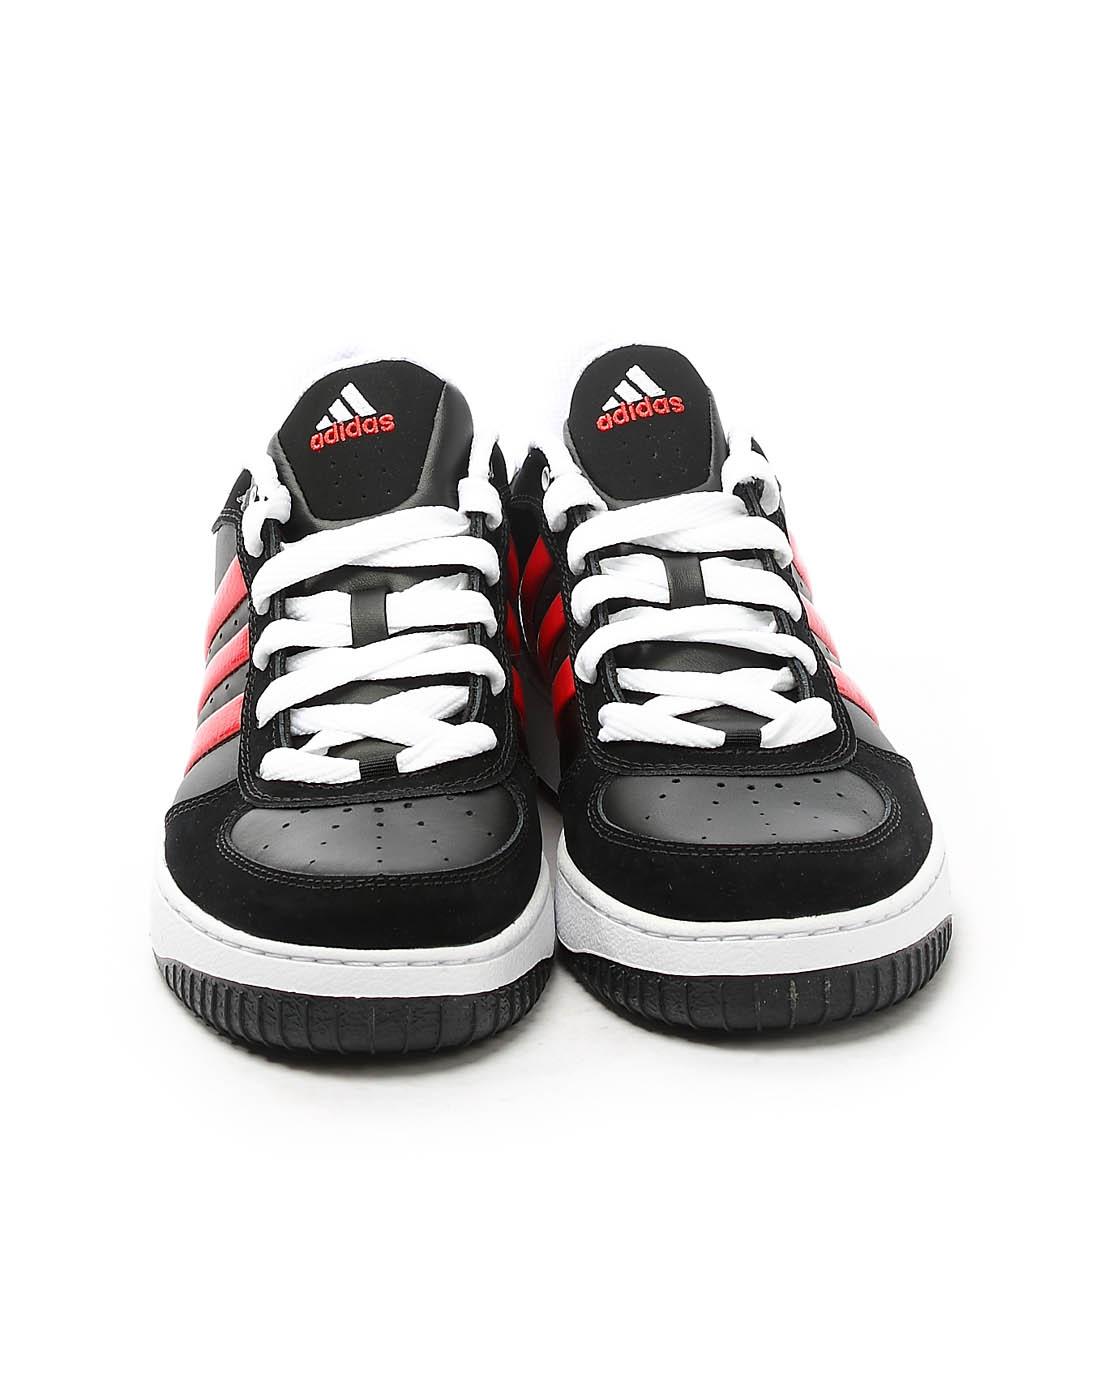 阿迪达斯adidas男子黑色篮球鞋674404